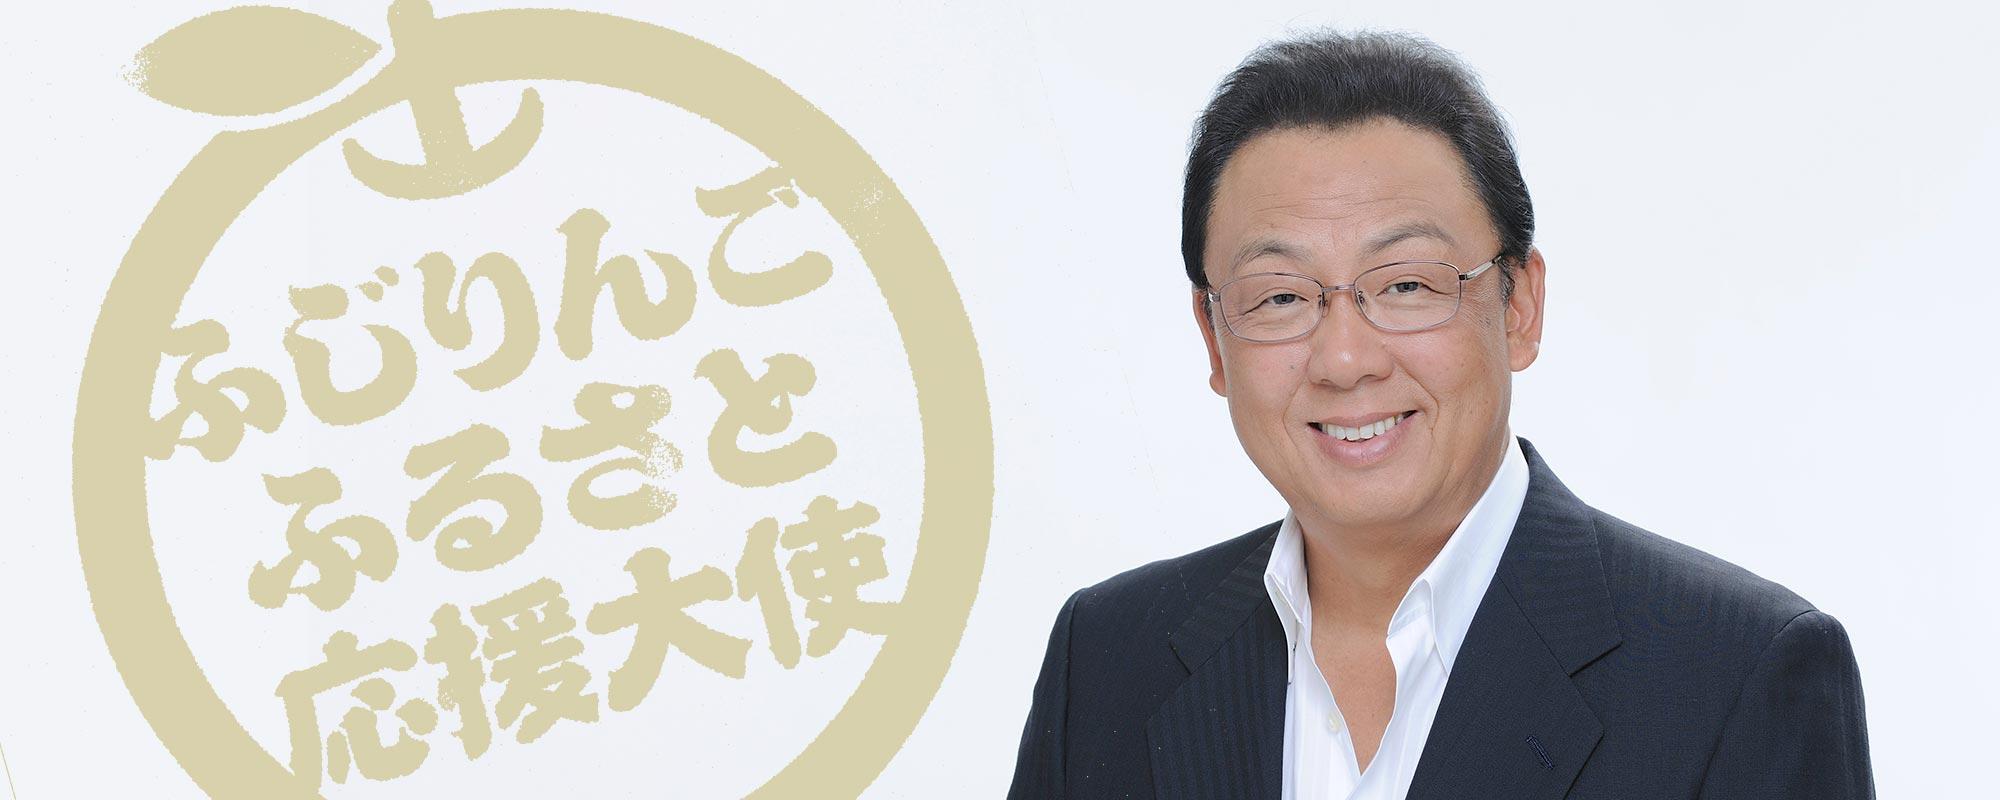 ふるさと応援大使 梅沢富美男